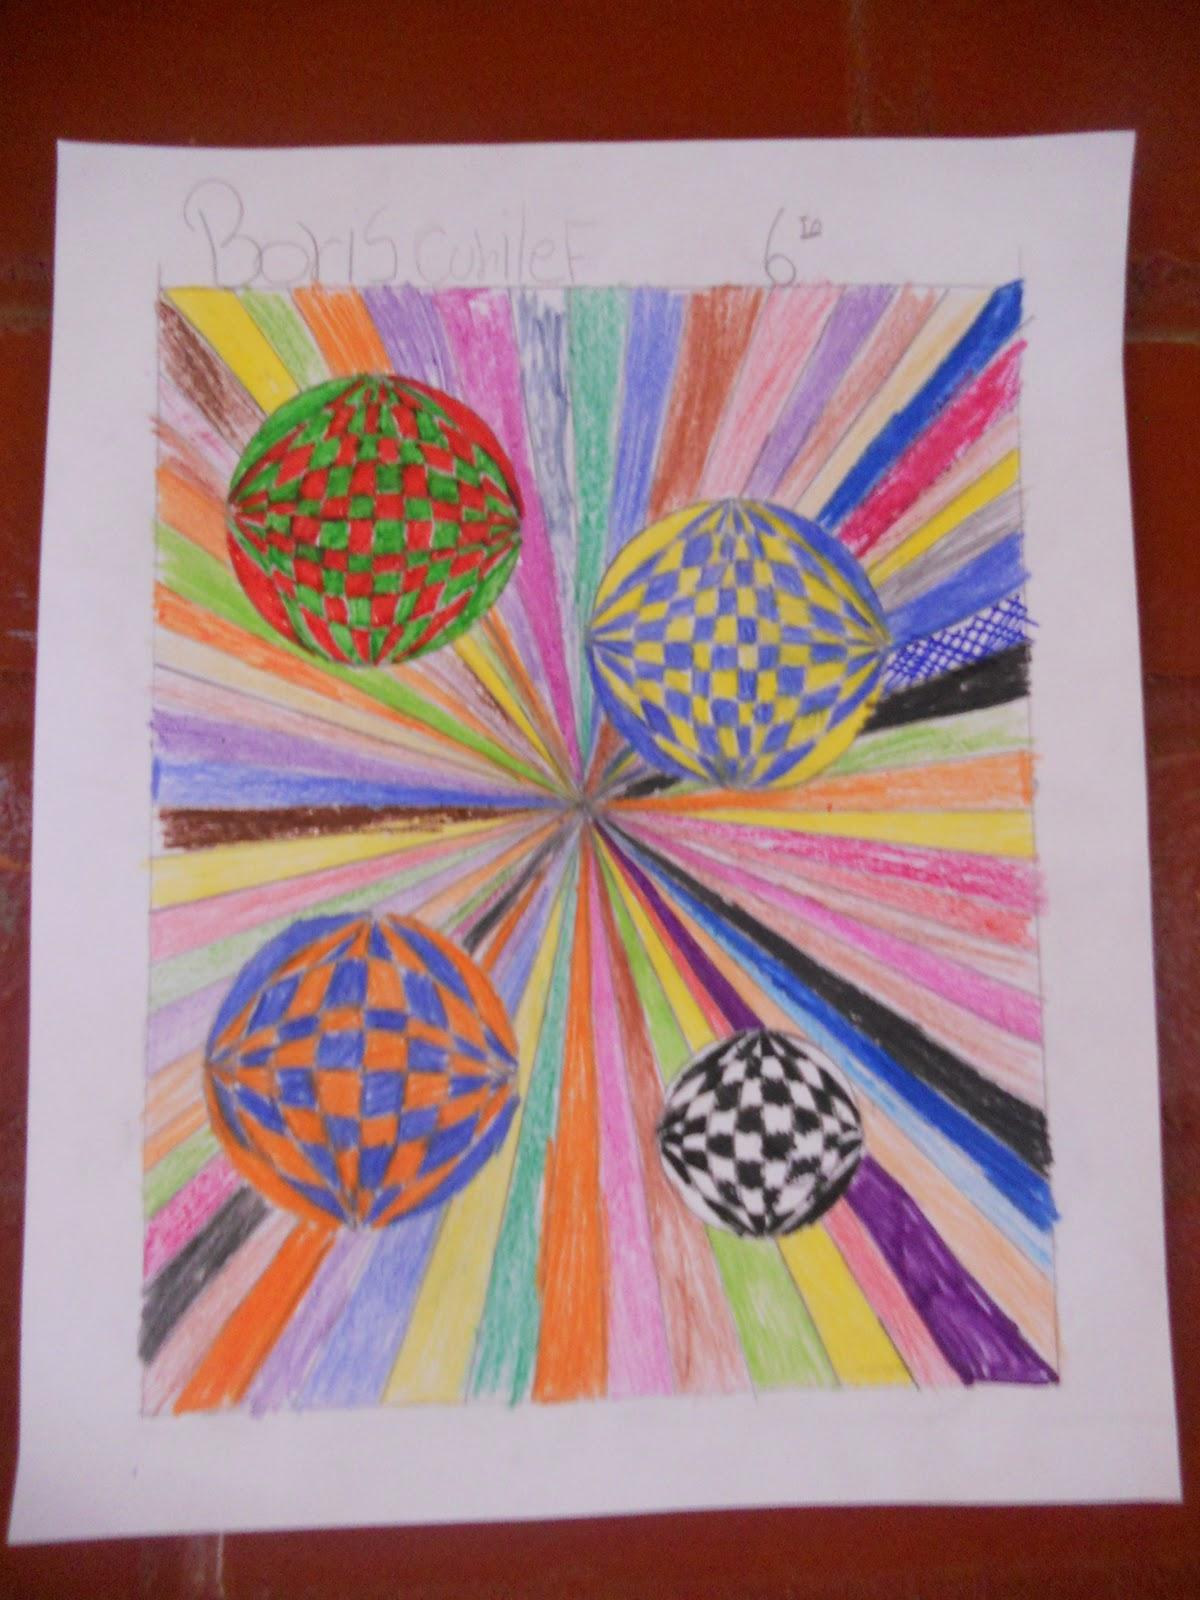 Artes Visuales en el Aula: formas y altocontraste de color